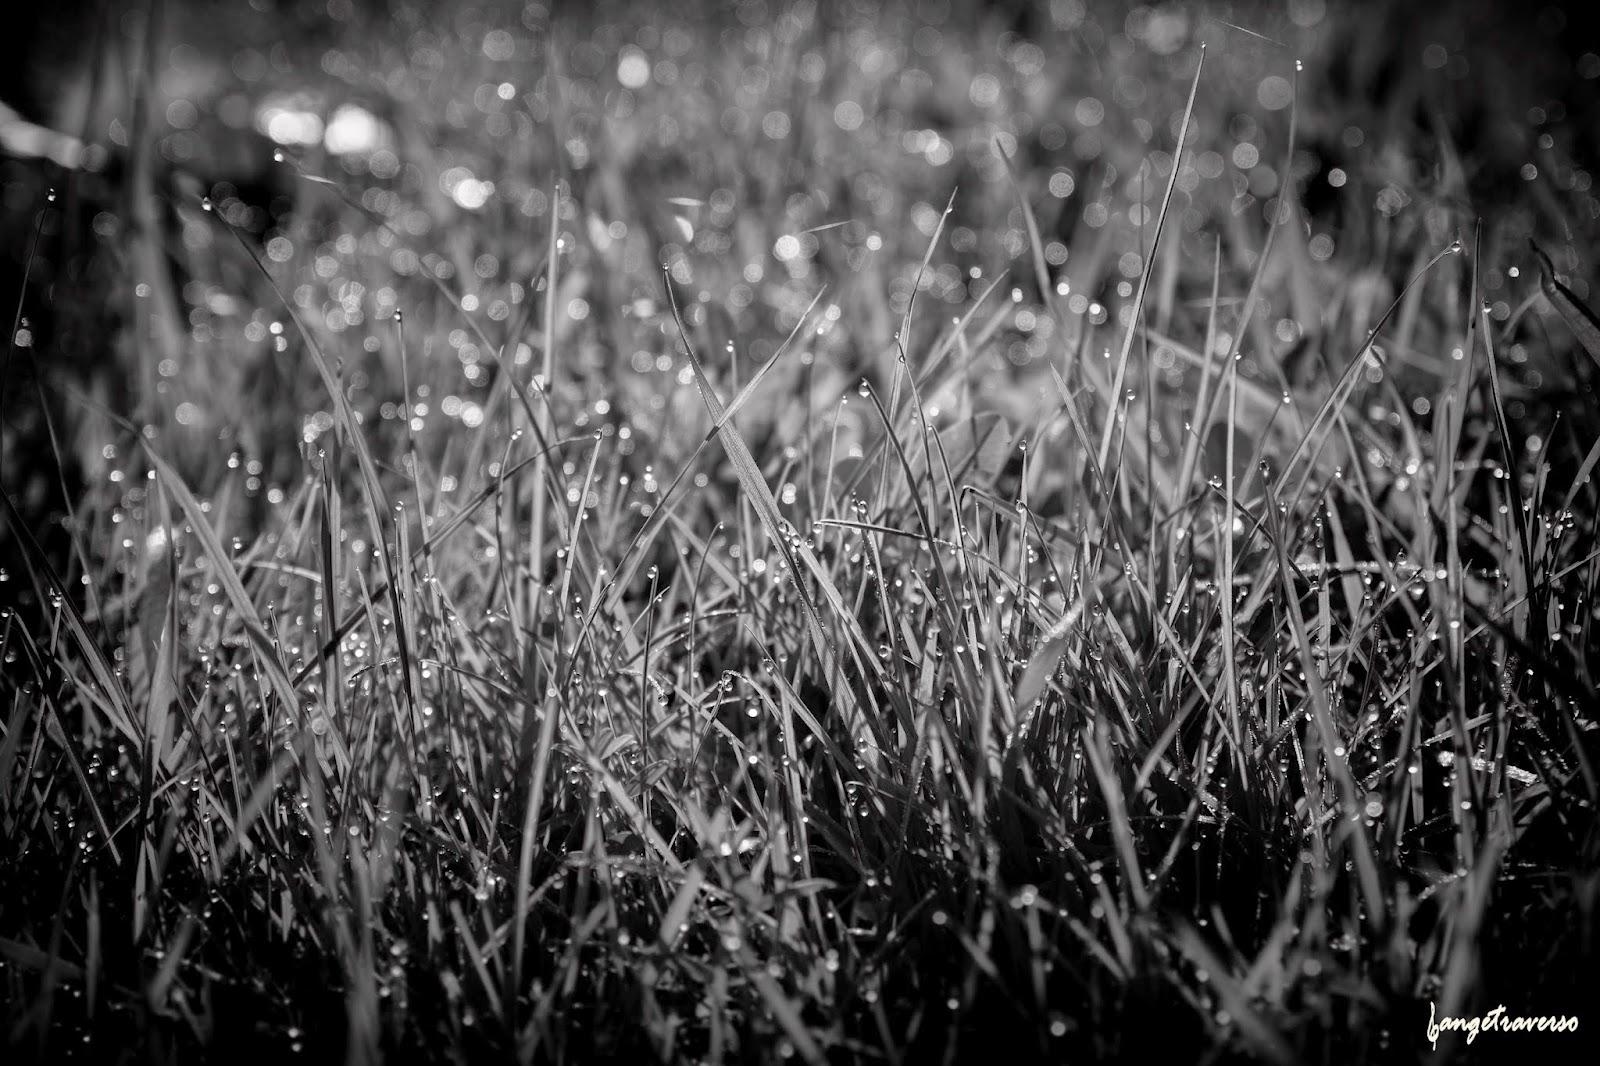 rosée du matin déposée sur l'herbe. Nature in Haute-Savoie, France